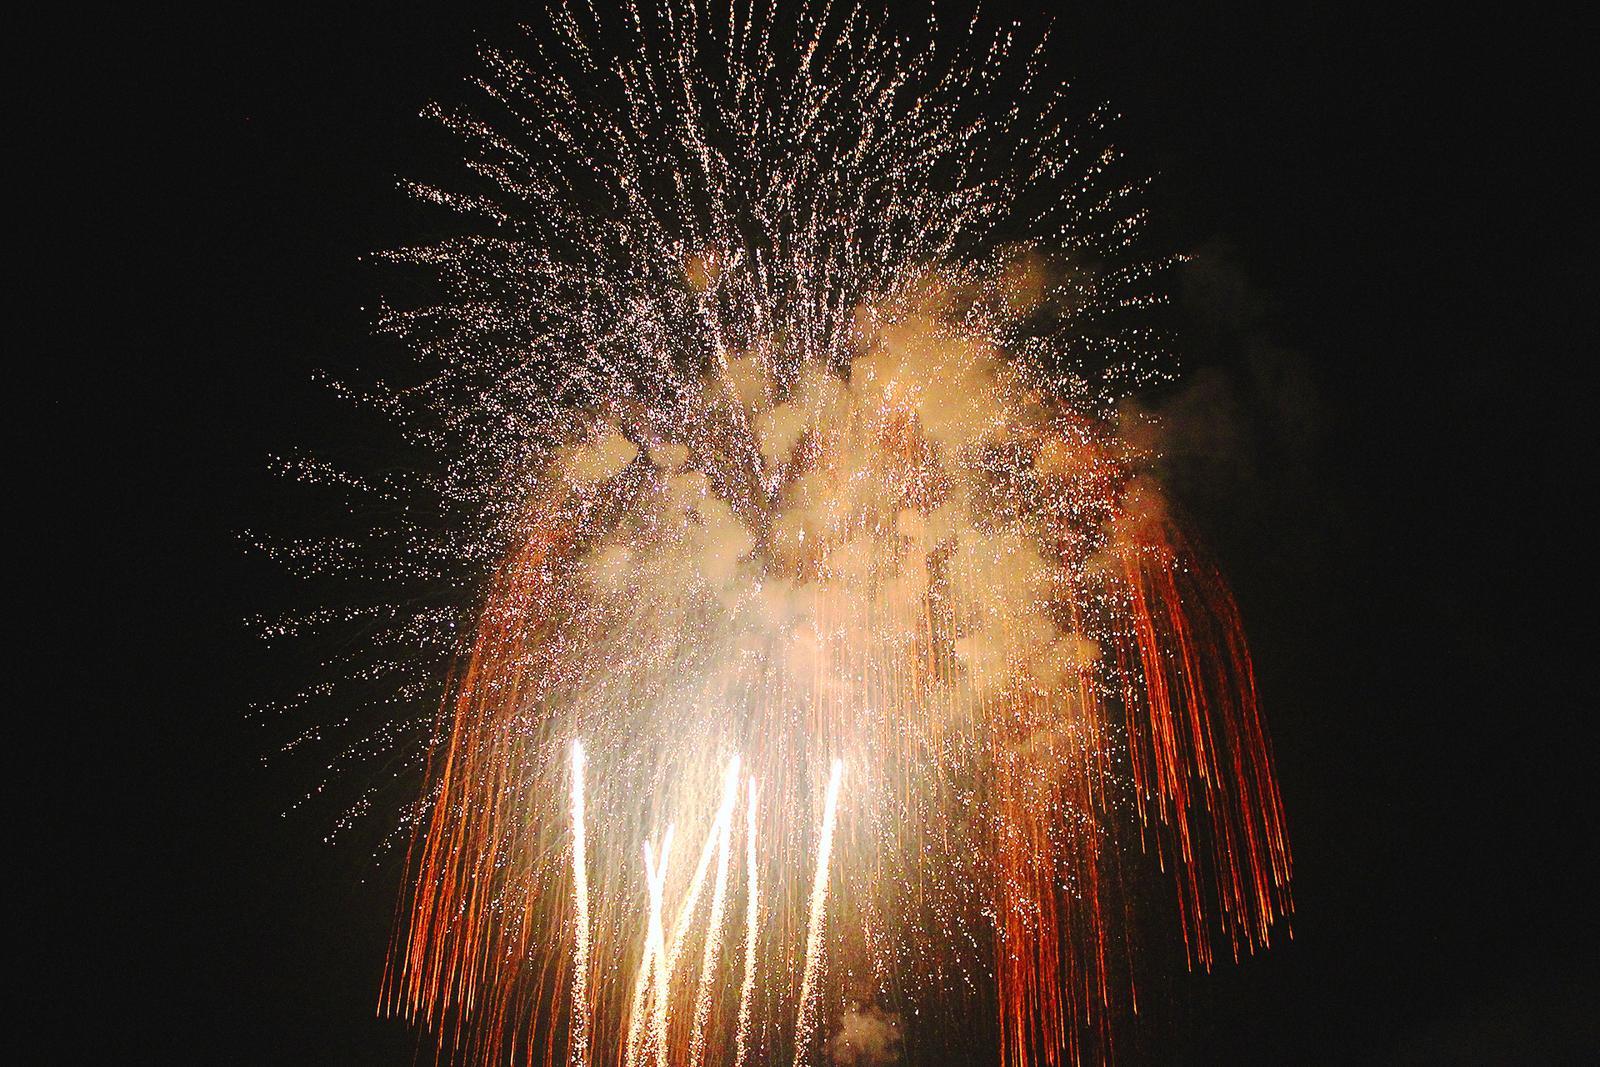 Omagari Feuerwerk nachts quer